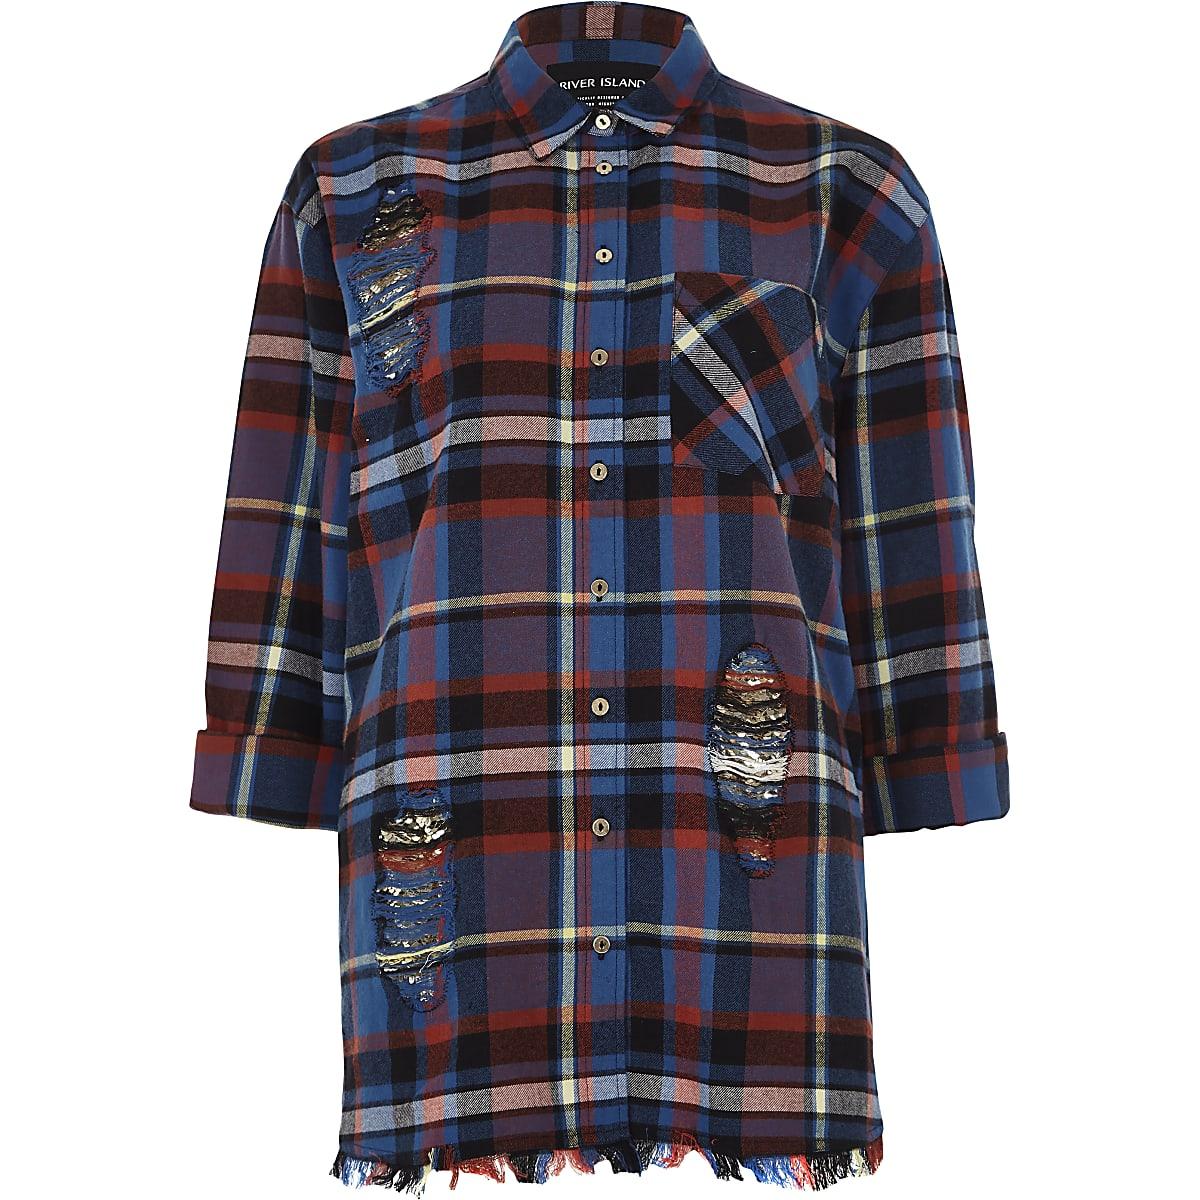 Blauw geruit overhemd met lange mouwen en onafgewerkte zoom